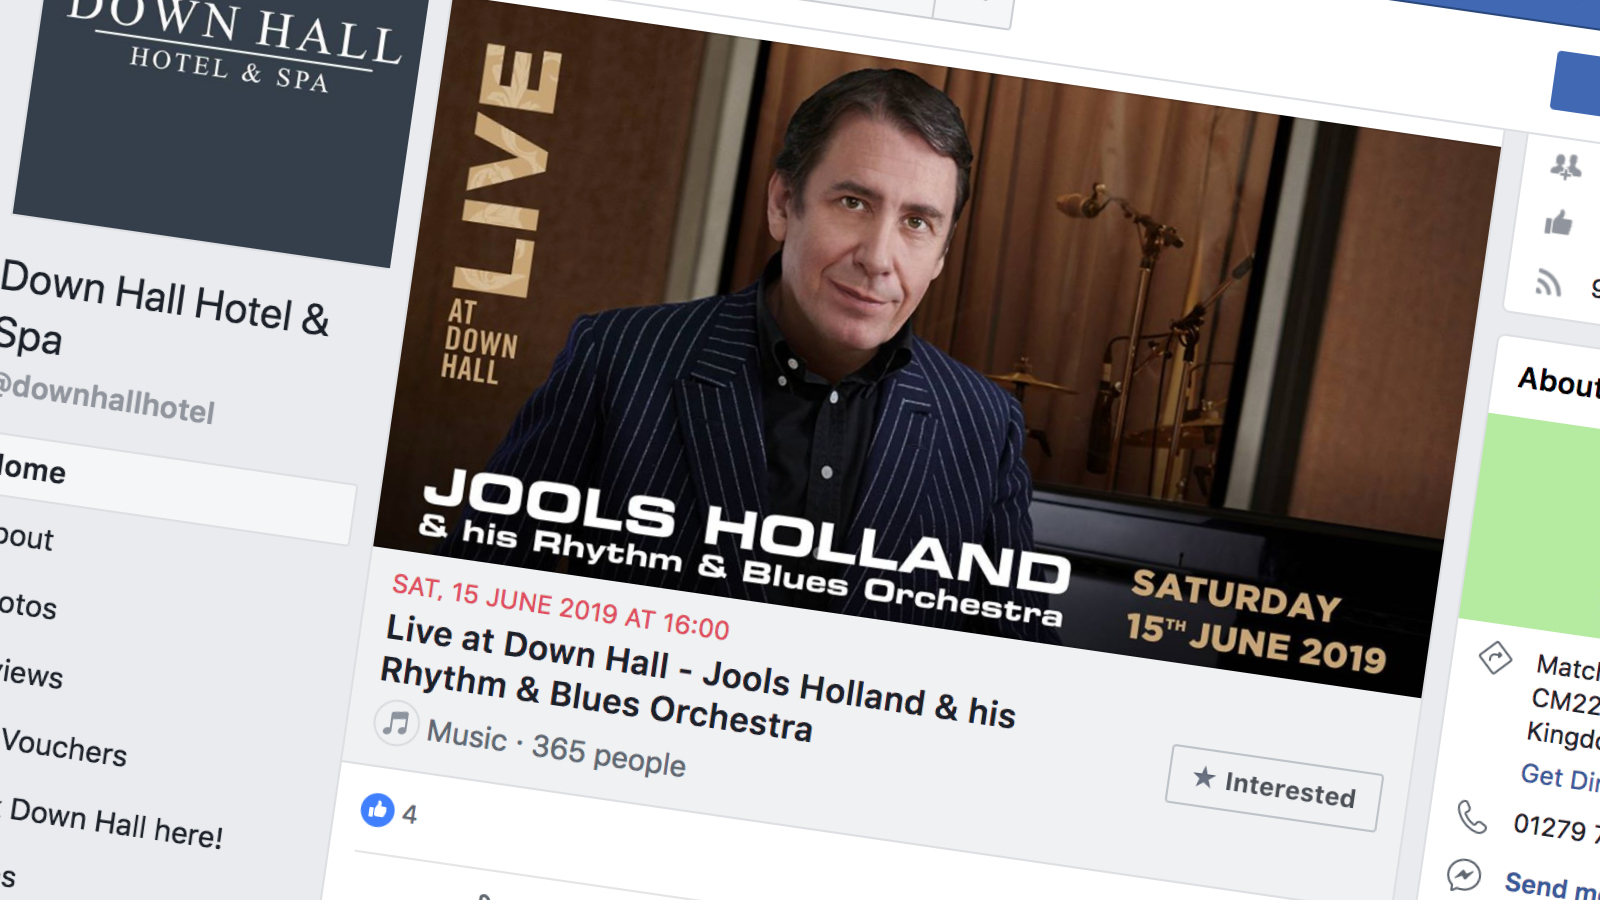 Live at Down Hall - Jools Holland (Facebook)